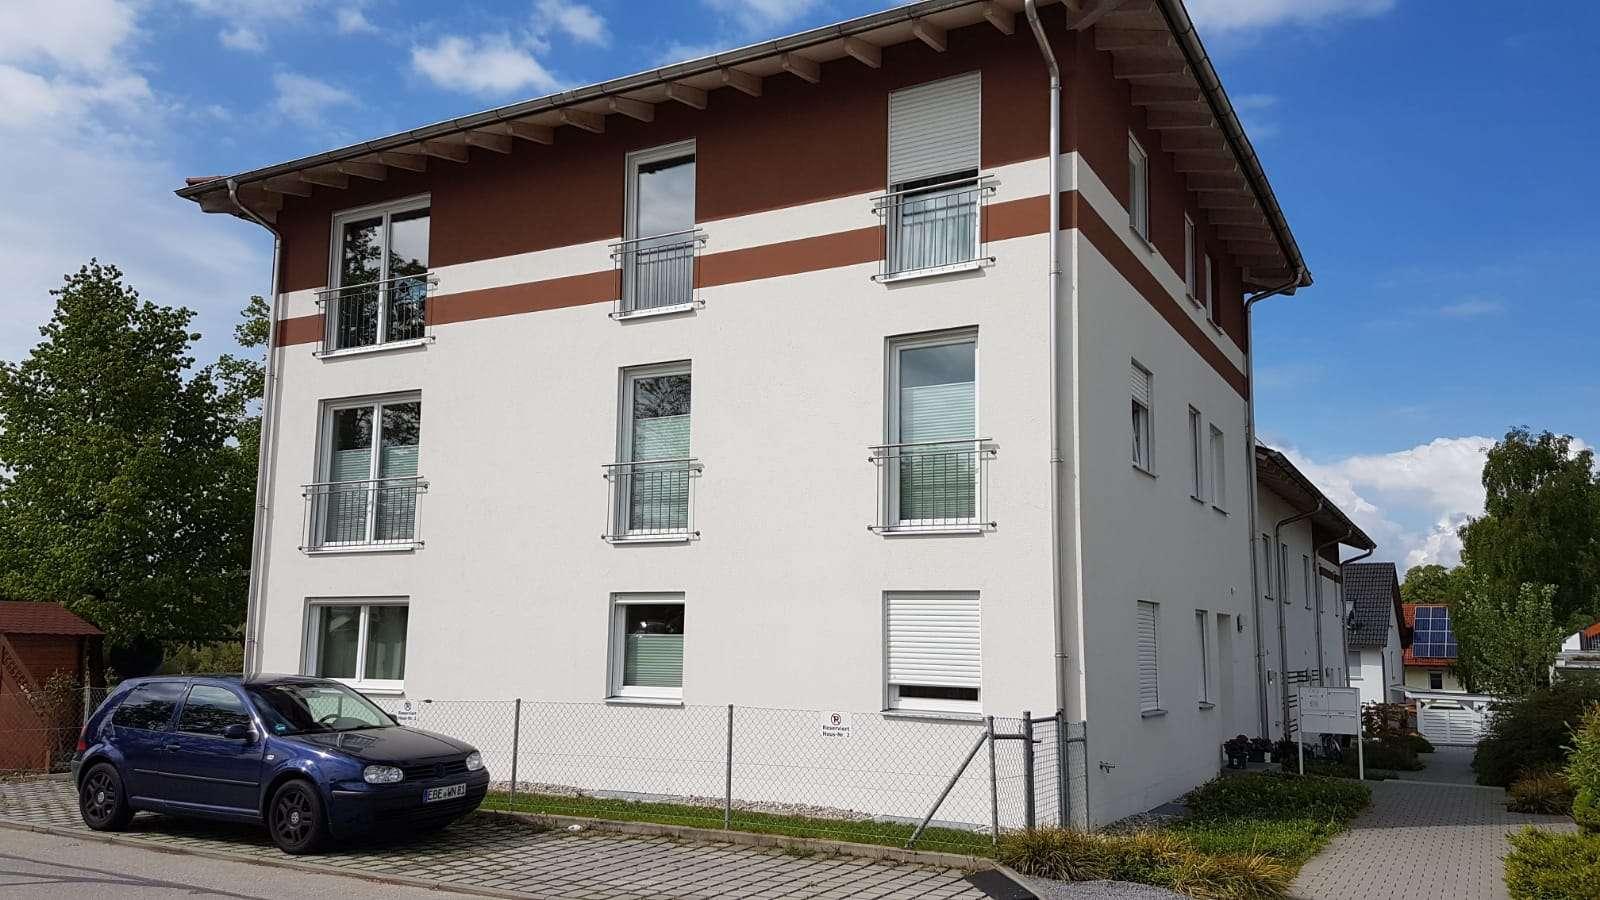 Platz zum Ankommen - lichtdurchflutete 3-Zimmer-Wohnung von Privat